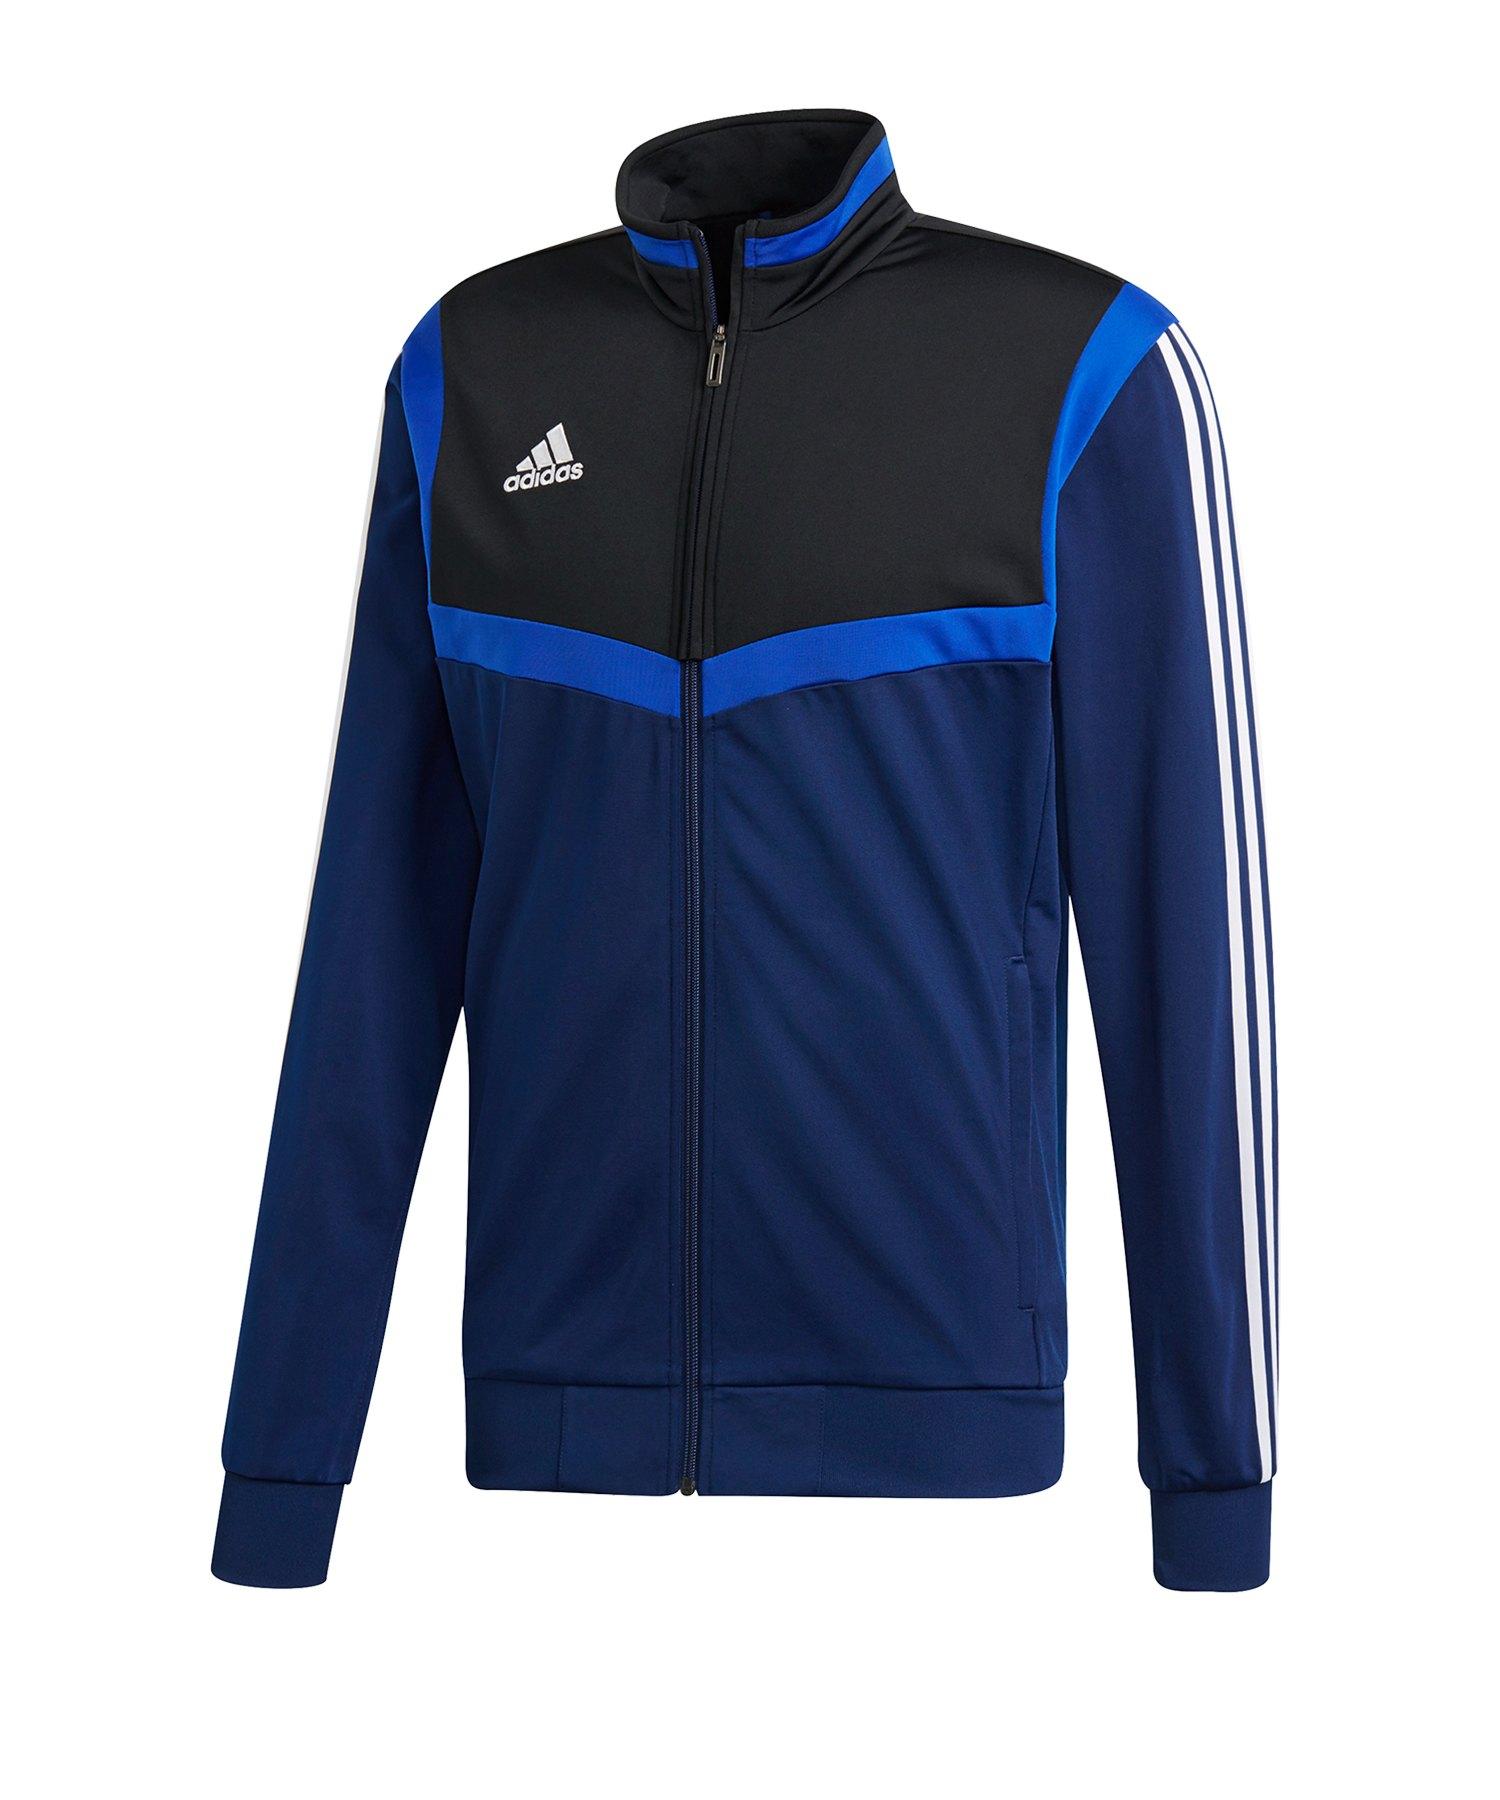 adidas Tiro 19 Polyesterjacke Dunkelblau Weiss - blau